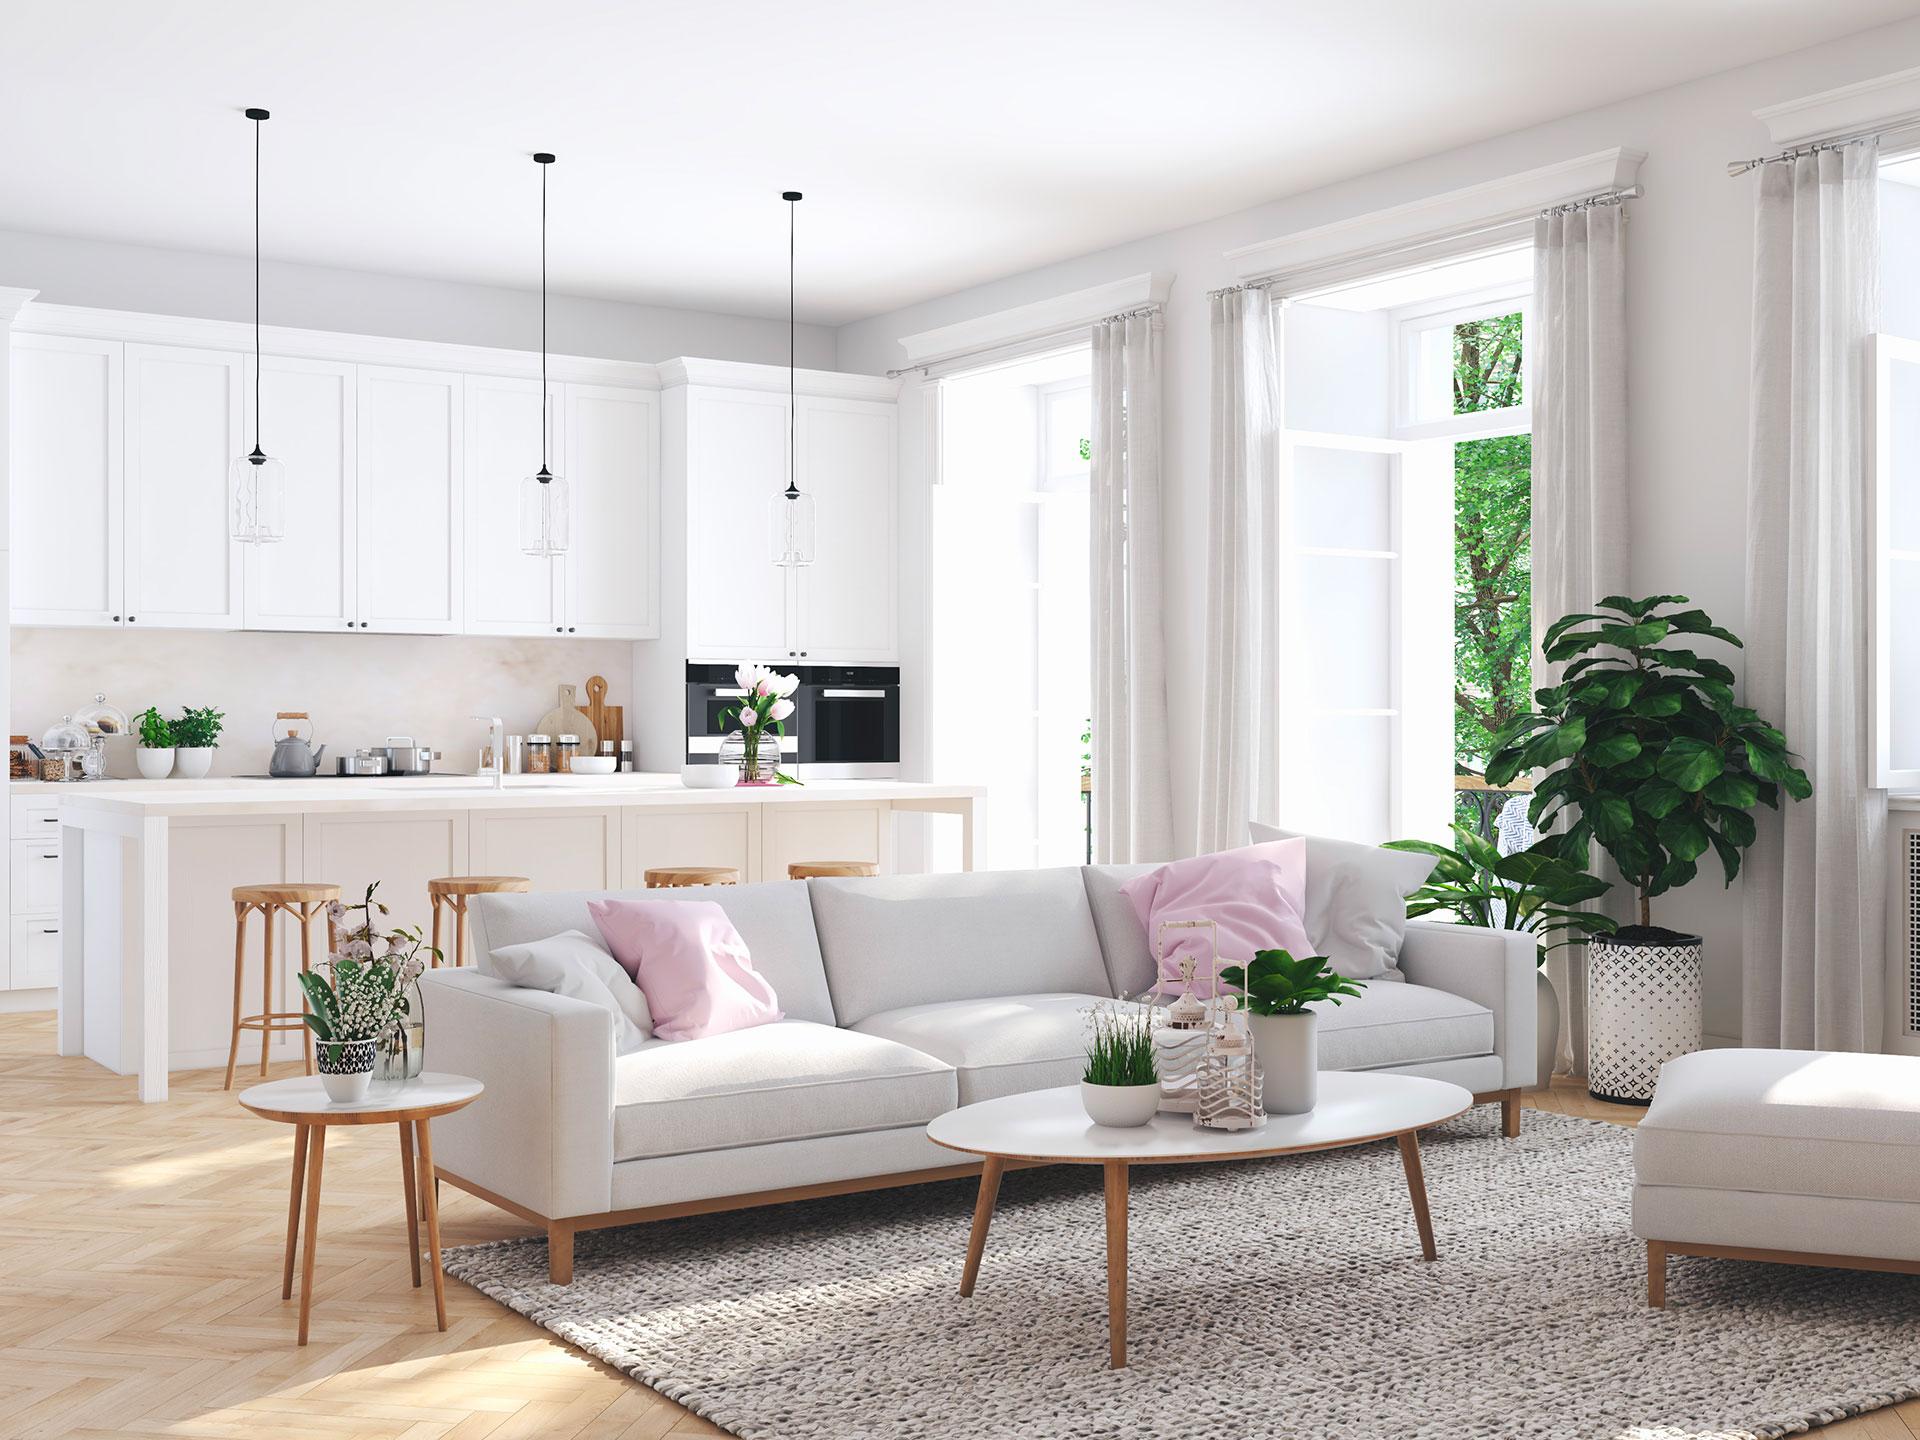 Photographie d'appartement témoin aménagé avec du mobilier